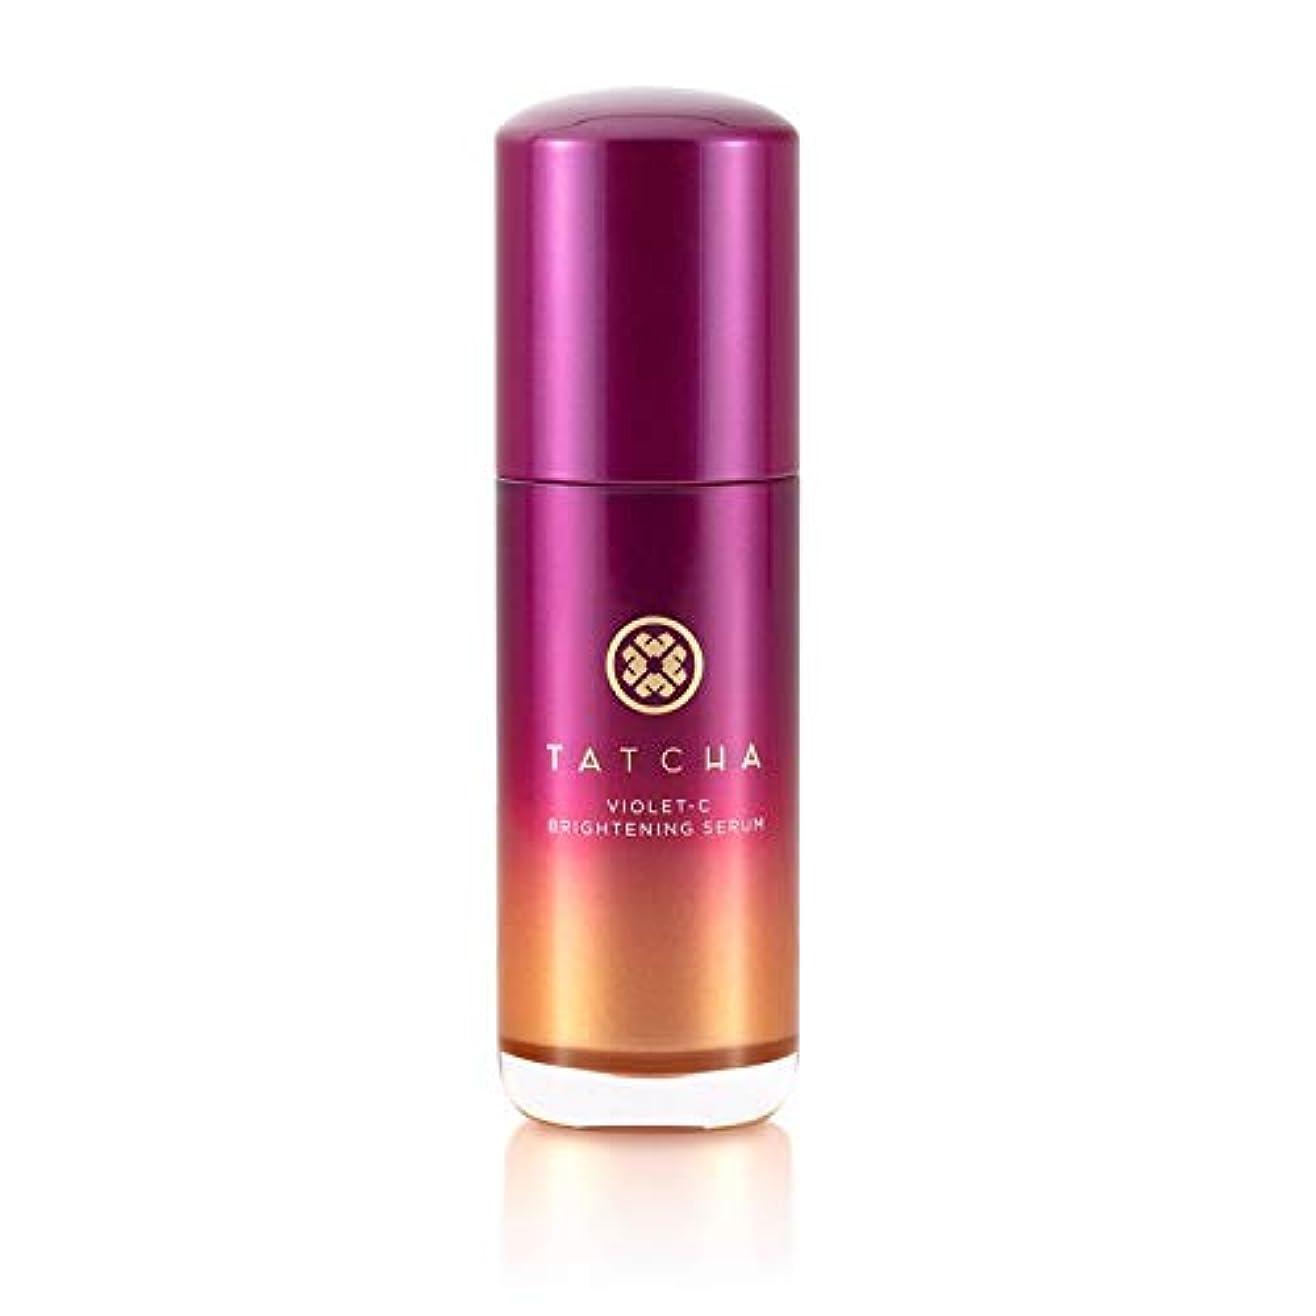 差別化するラビリンス協力TATCHA Violet-C Brightening Serum (20% Vitamin C + 10% AHA) タチャ バイオレットC ブライトニング セラム 美容液 30ml